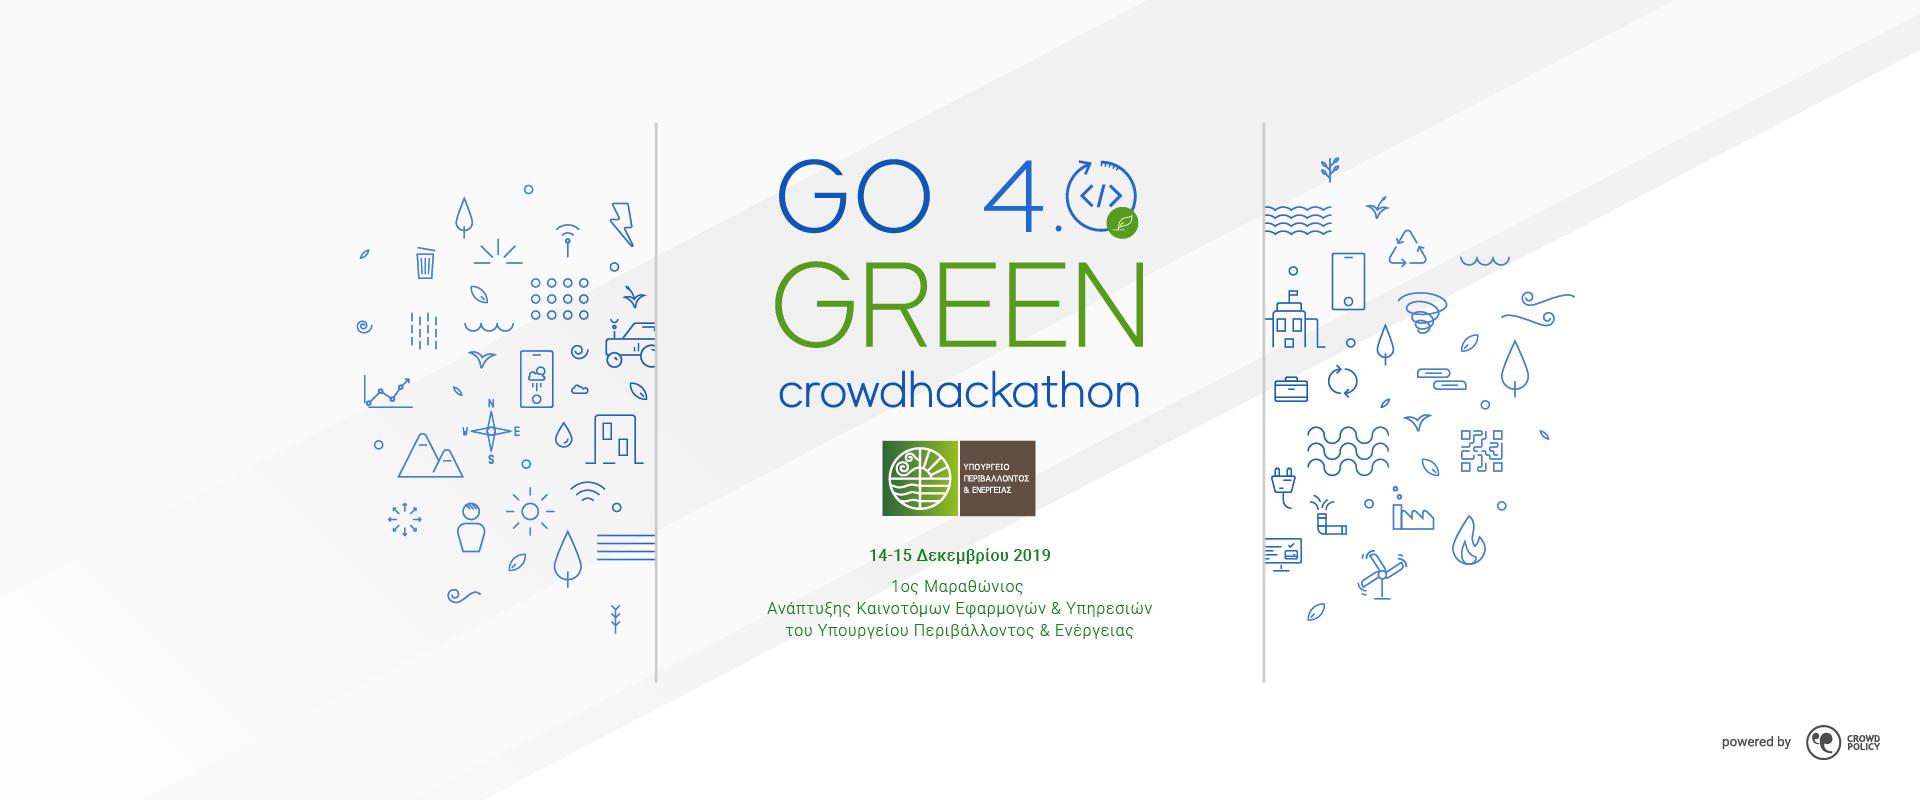 ΥΠΕΝ: «Μαραθώνιος» καινοτομίας για το περιβάλλον